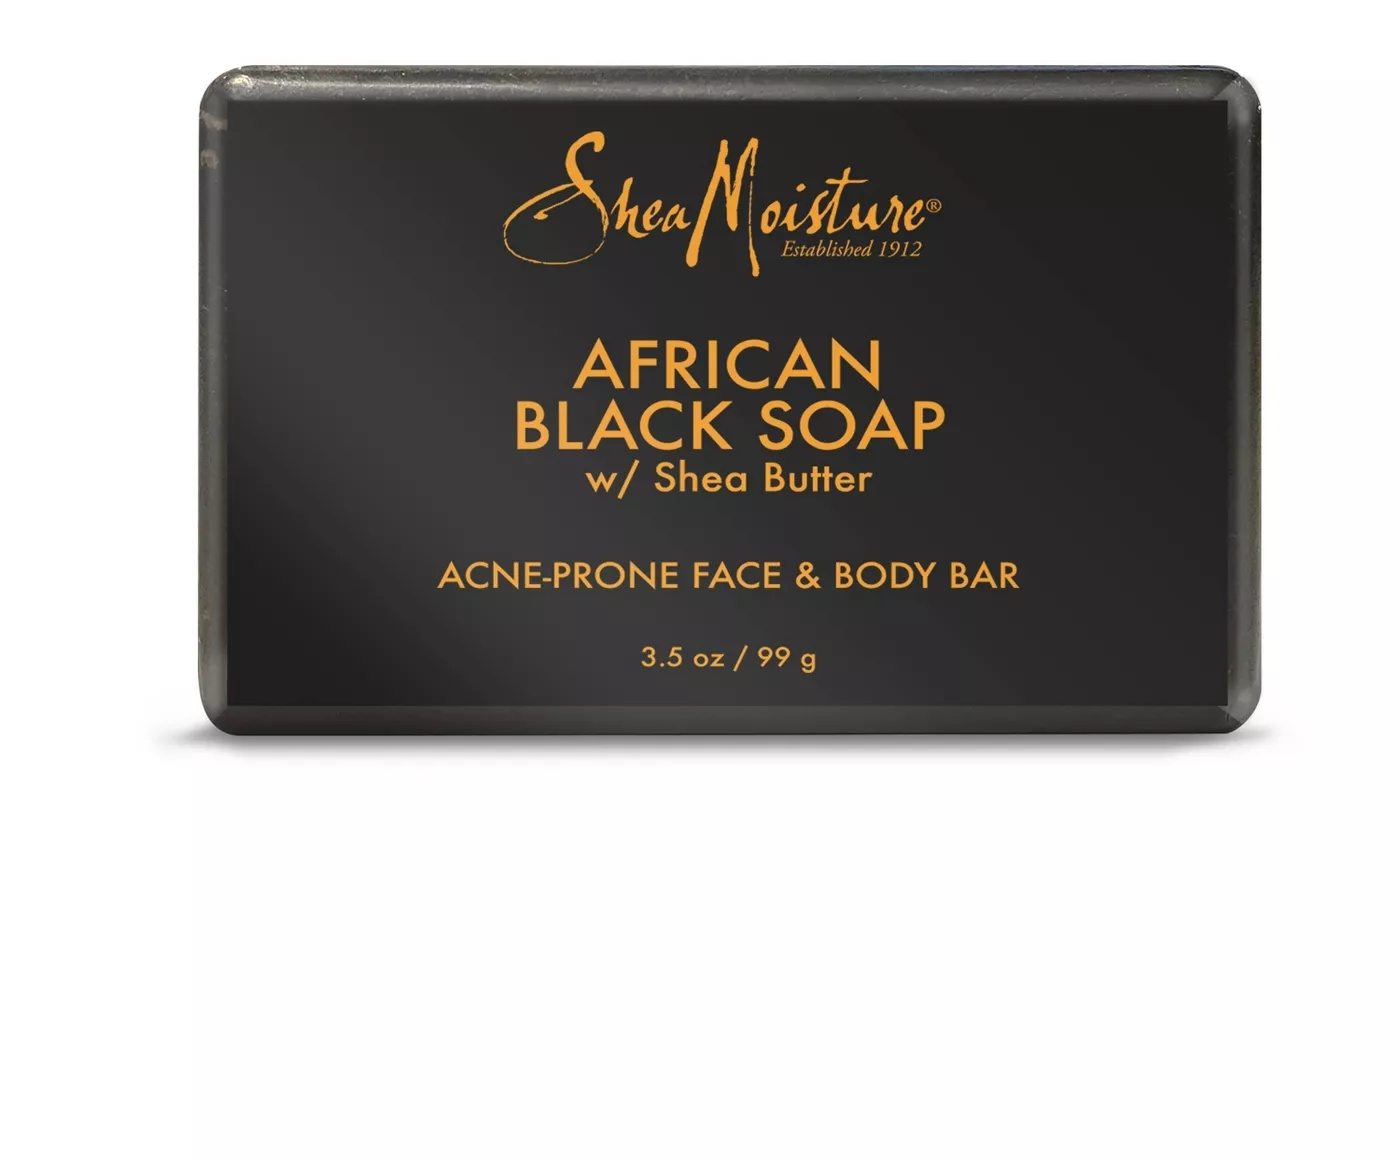 SheaMoisture African Black Soap Face & Body Bar